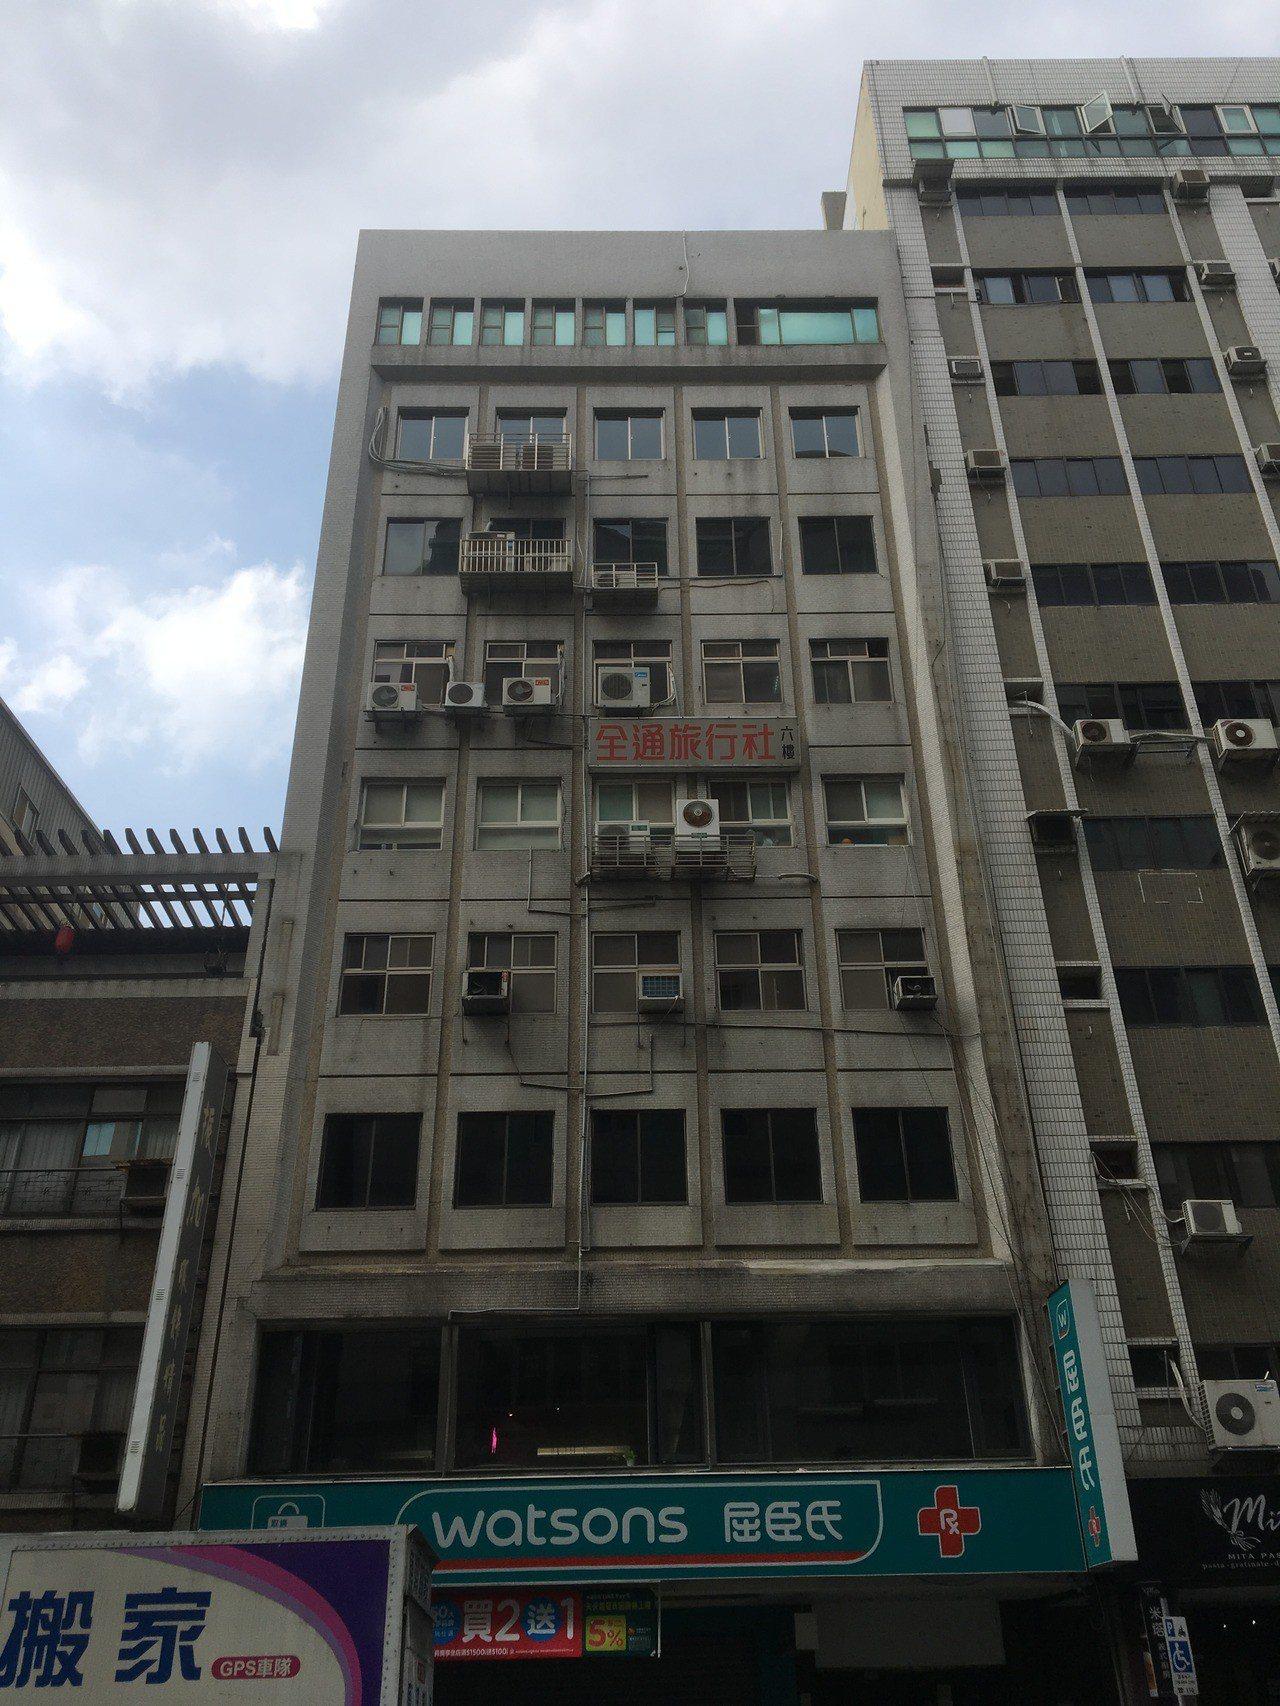 台北市長安東路二段某大樓被強震震到傾斜。記者蔡翼謙/攝影